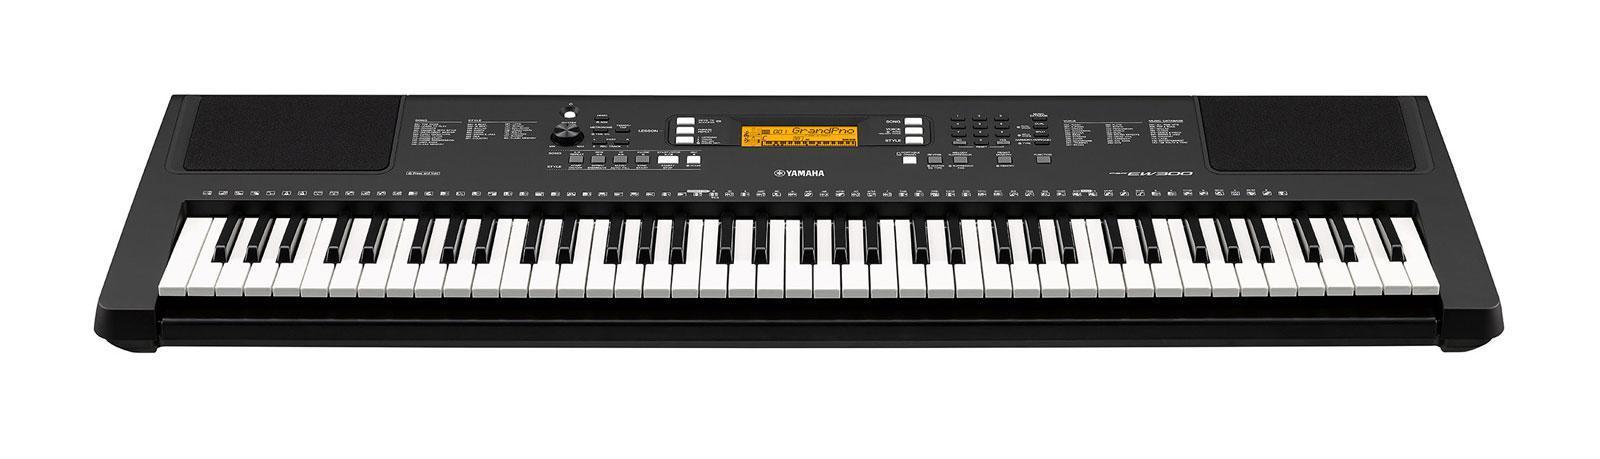 Yamaha psr ew300 keyboard 76 tasten set mit st nder und for Yamaha psr ew300 keyboard